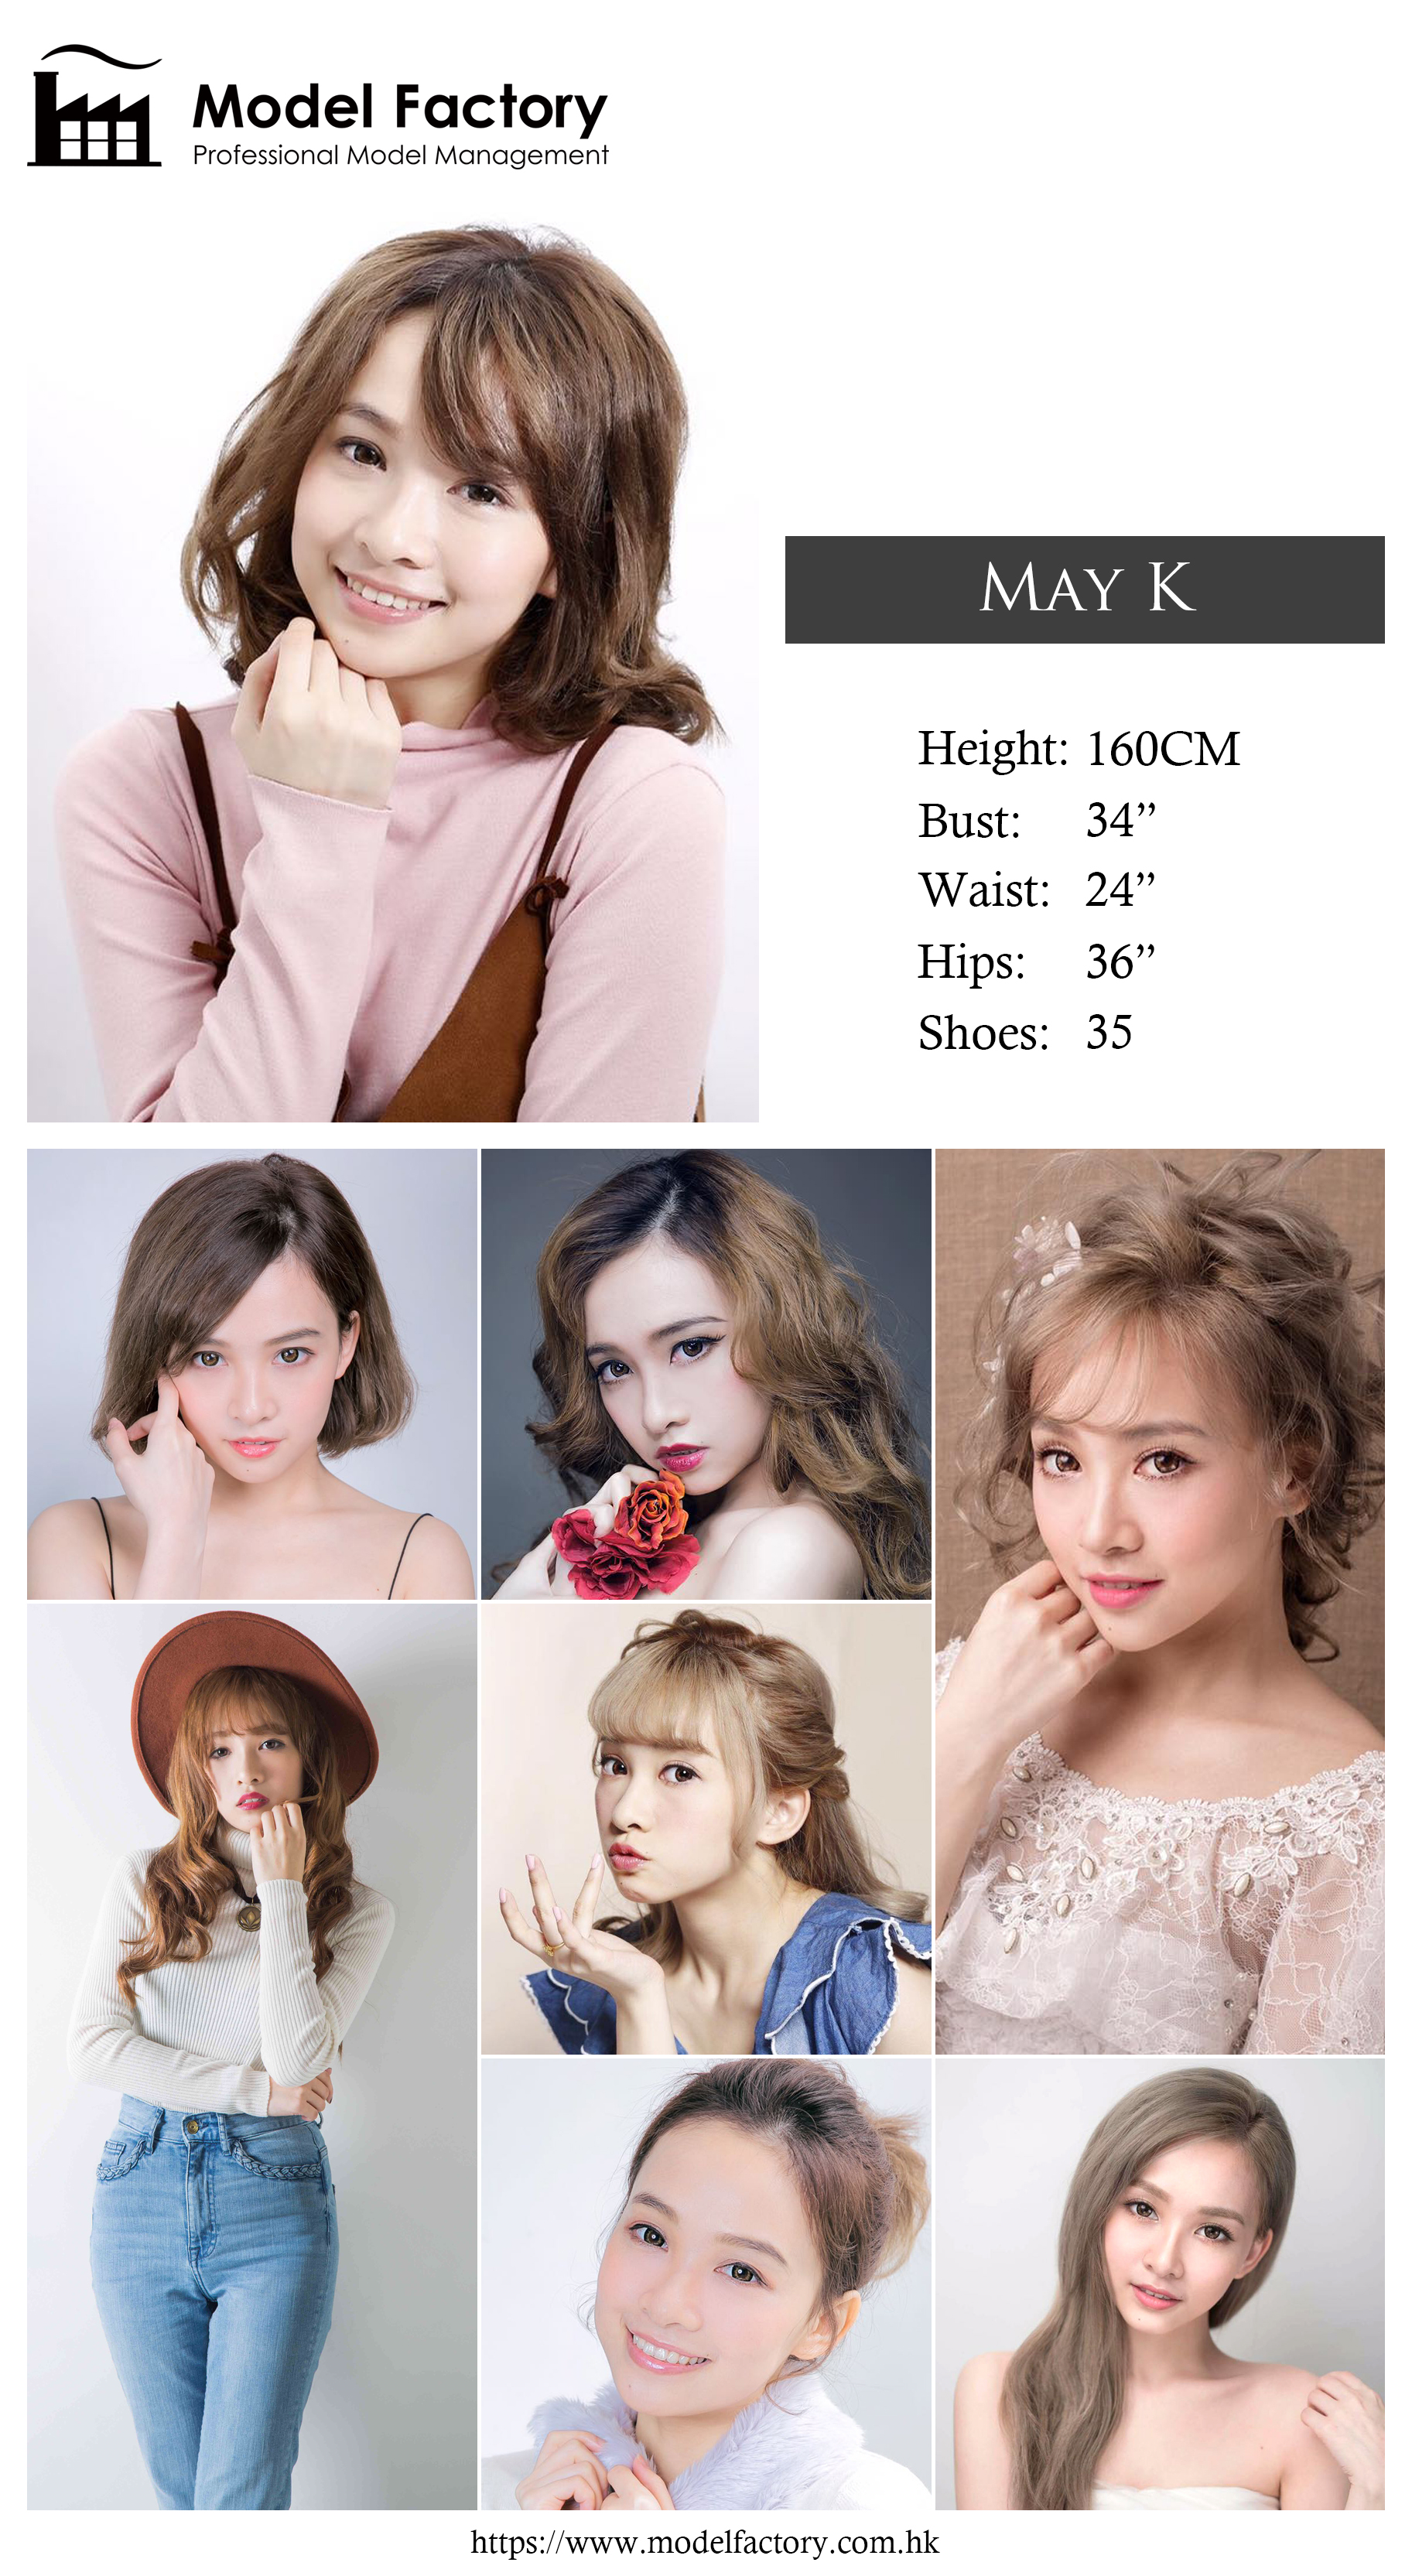 Model Factory Hong Kong Female Model MayK